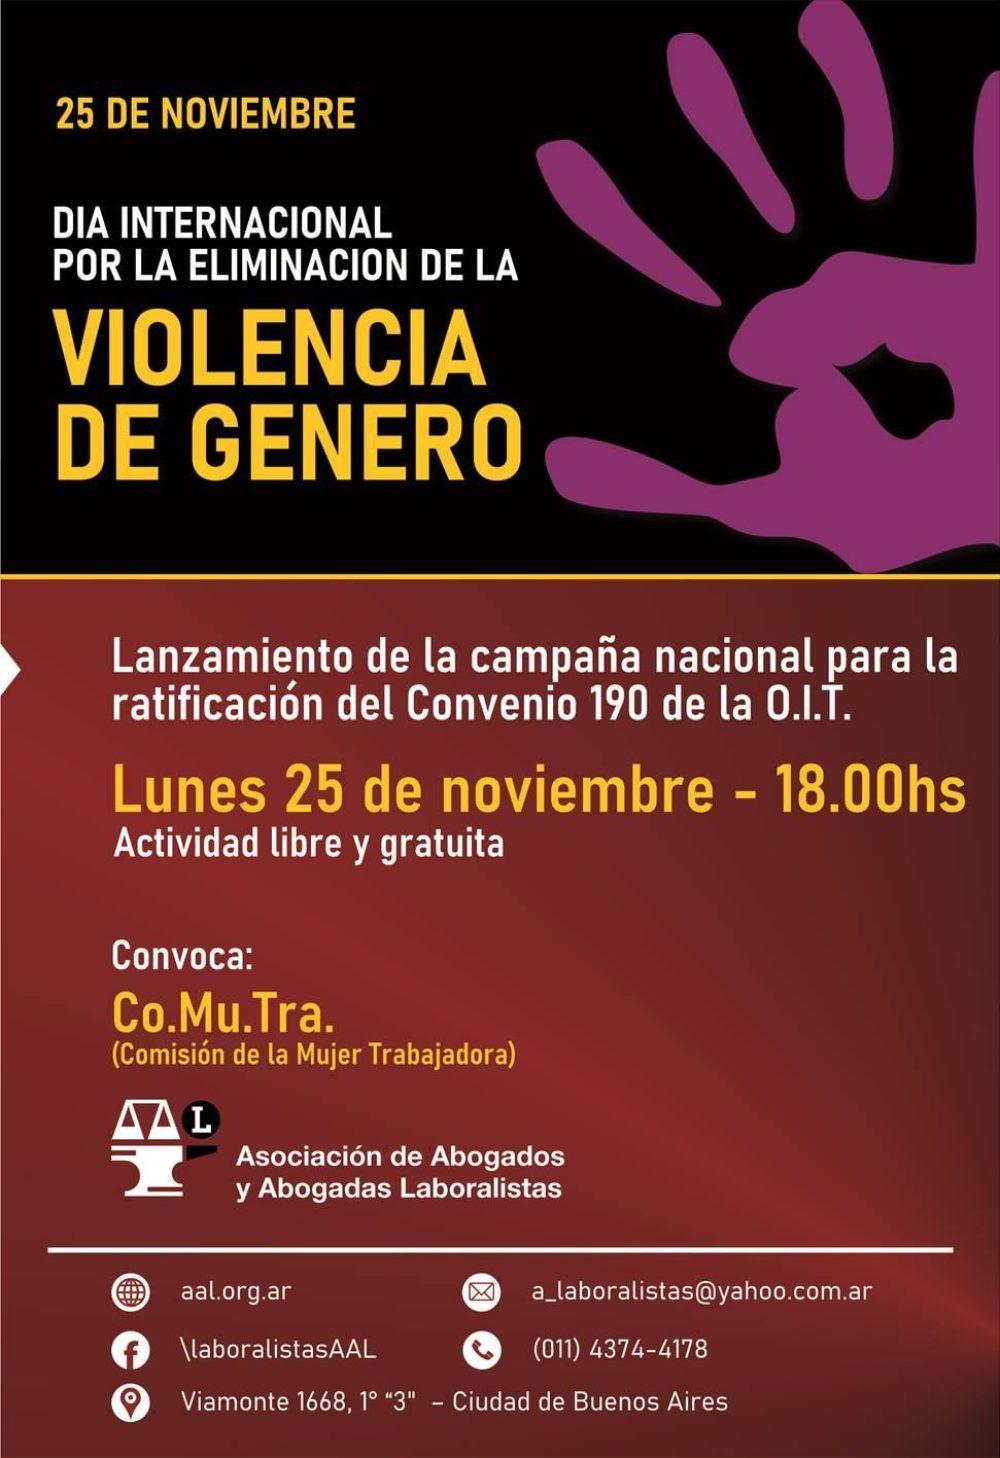 Campaña por la ratificación del Convenio 190 de la OIT